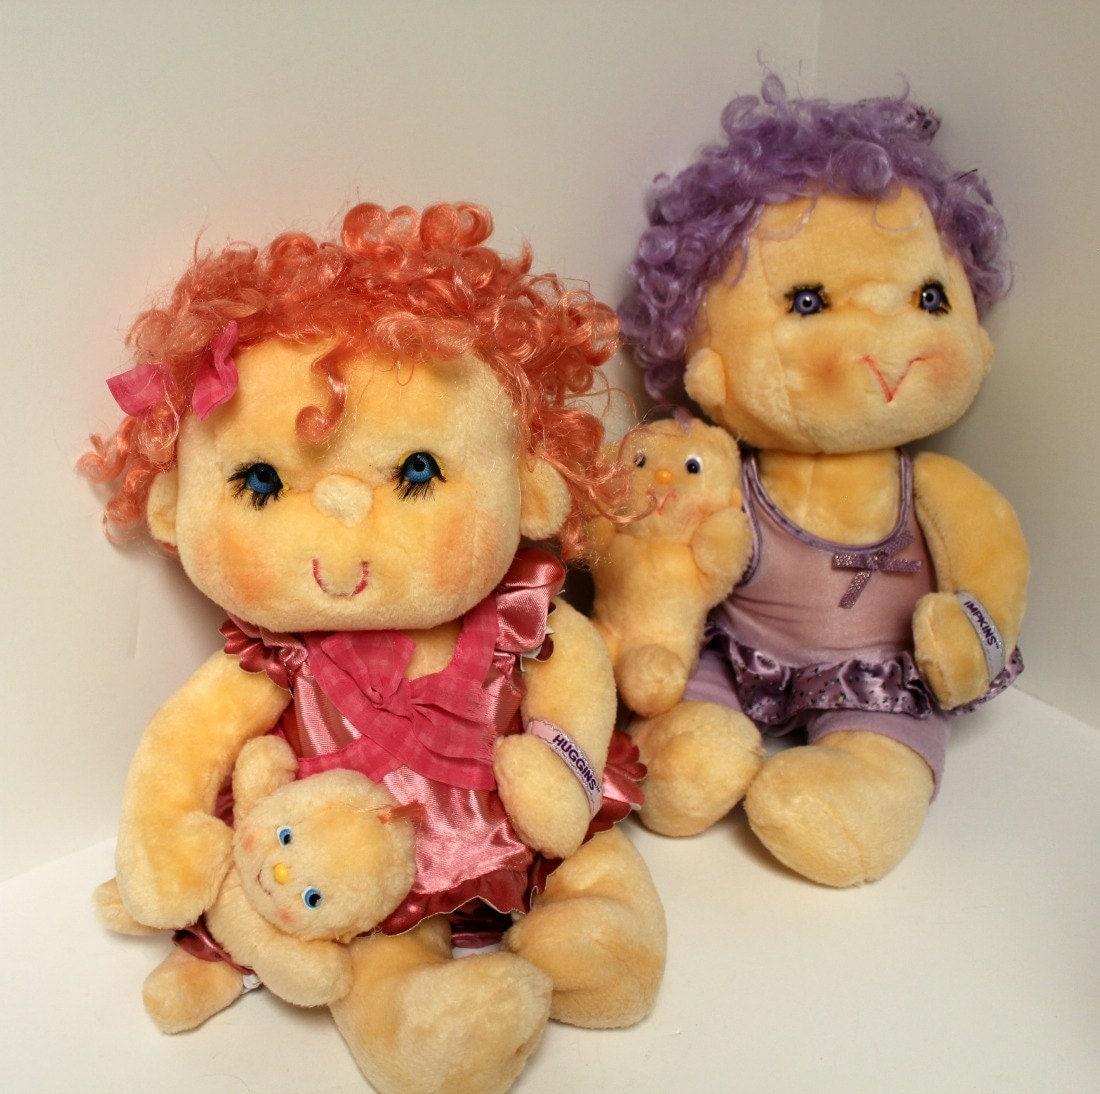 Vintage Hugga Bunch Dolls Huggins Impkins 1980s By